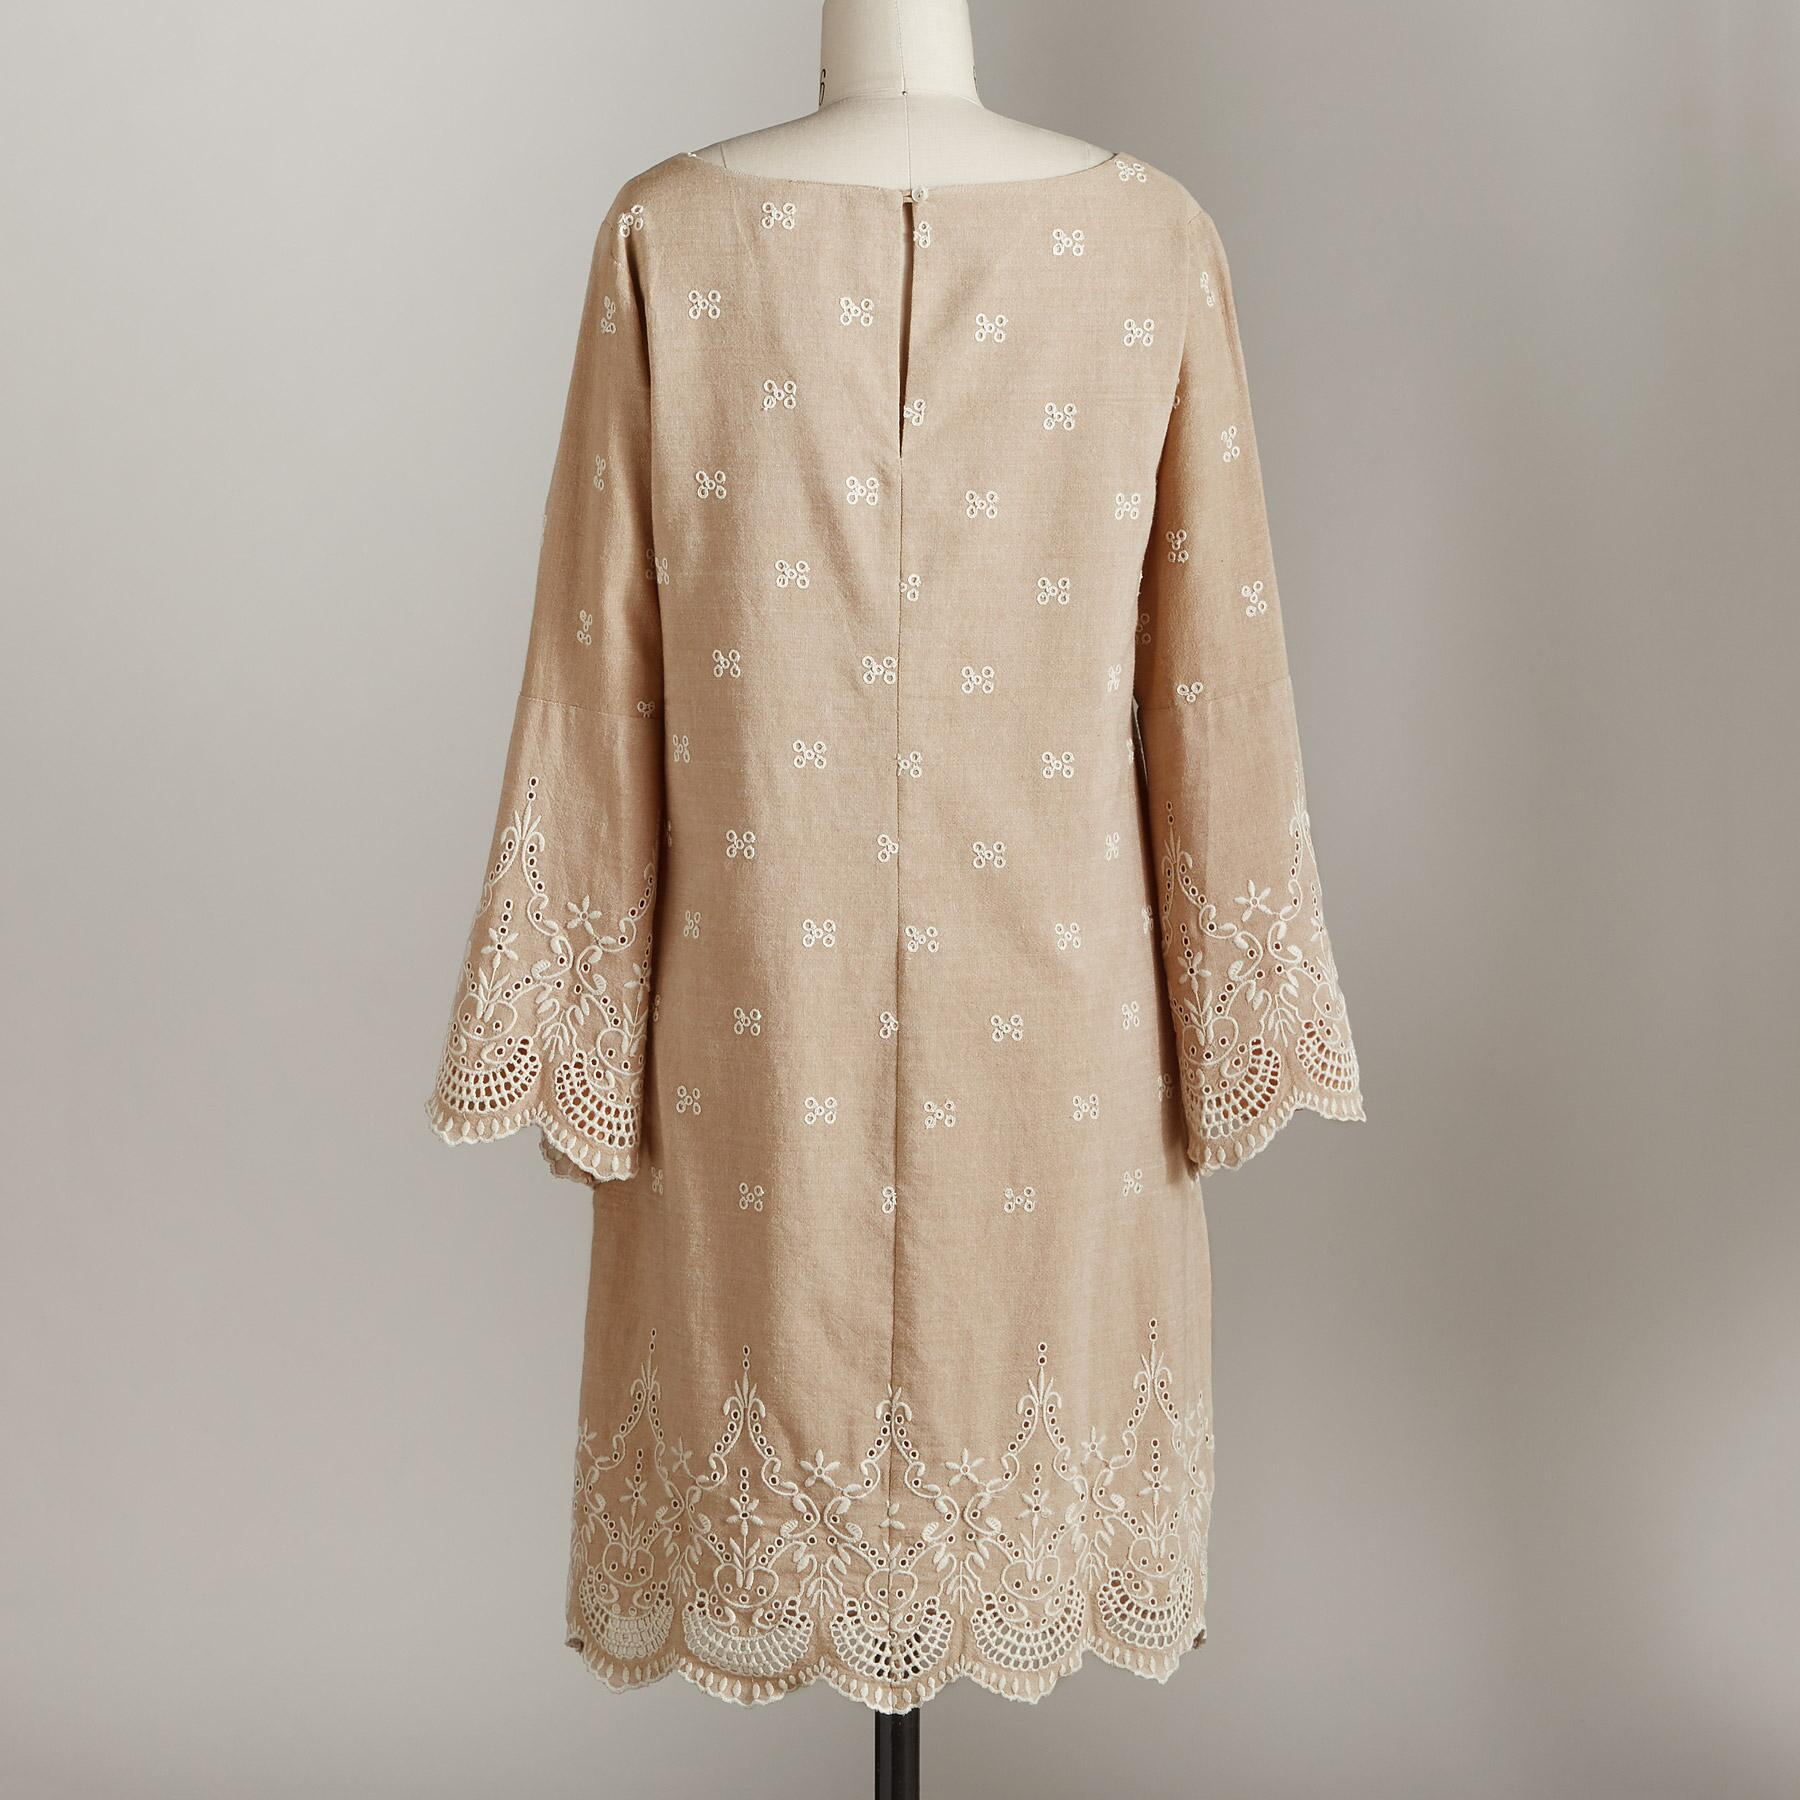 ROYAL BEAUTY DRESS - PETITES: View 2